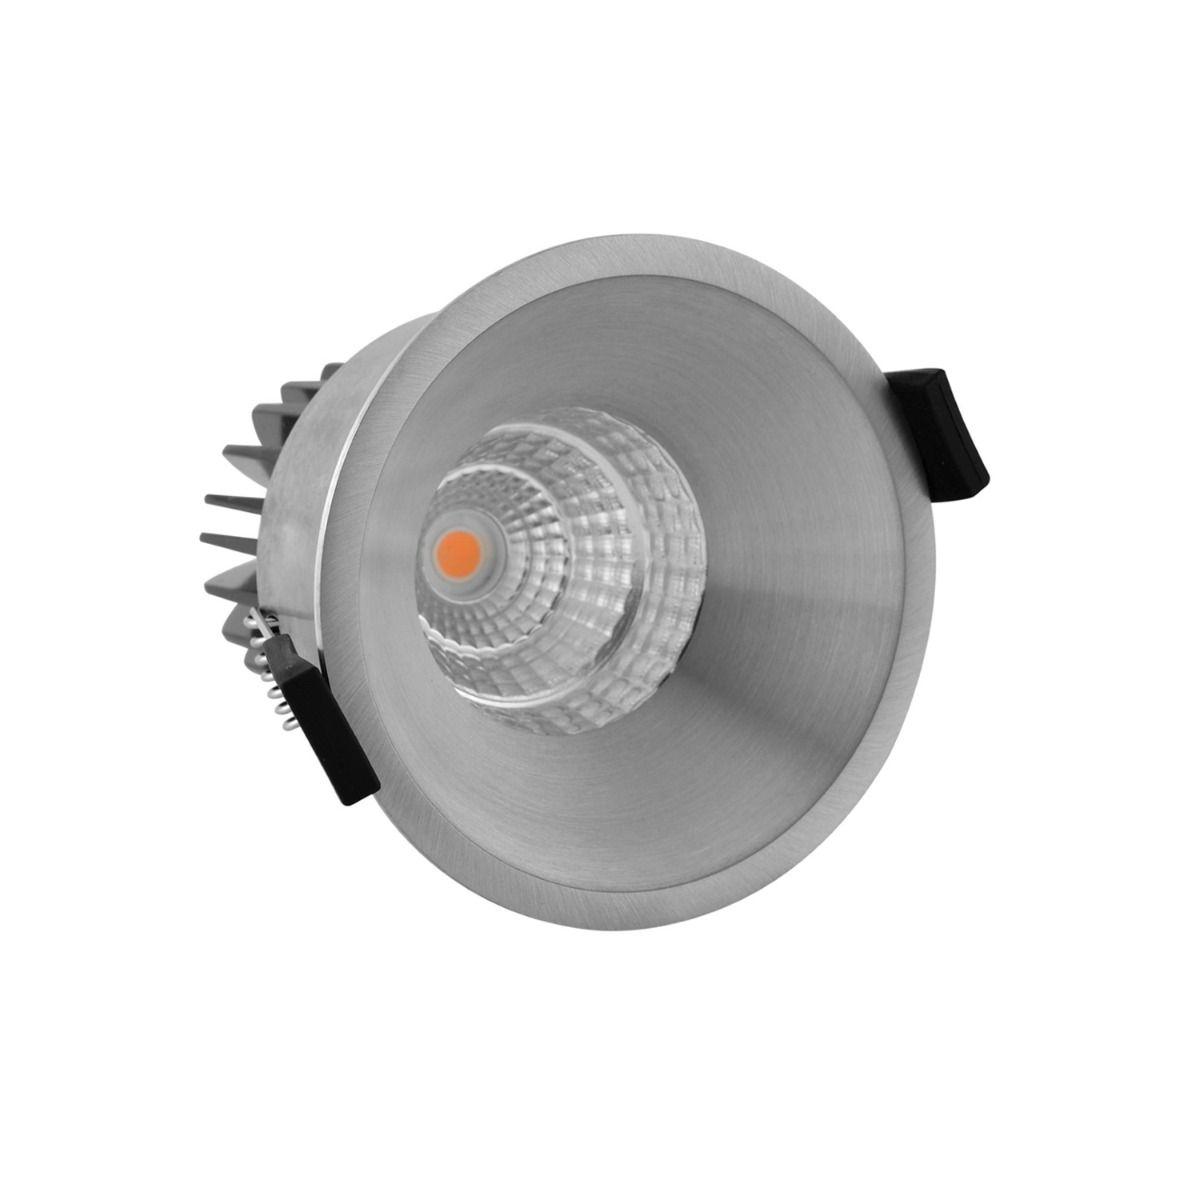 Noxion LED Spot Starlight IP54 2700K Aluminium 6W | Dimbaar